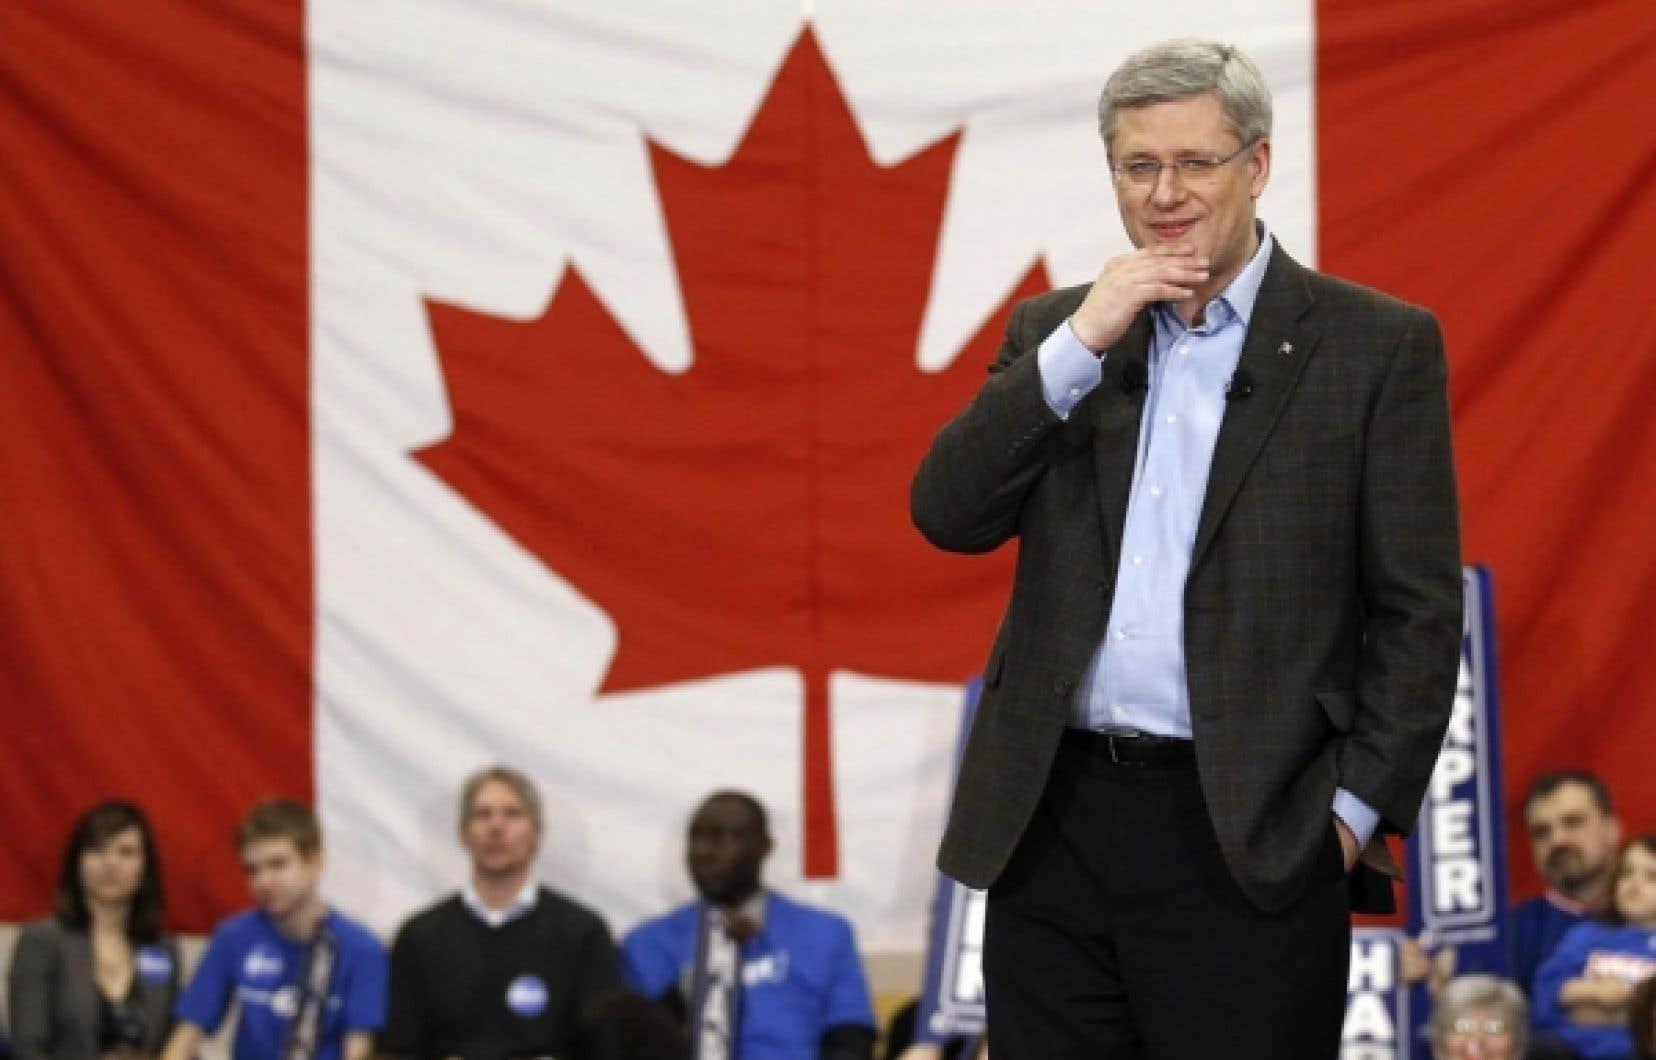 Le conservatisme économique et social qui caractérise le PCC nous fait craindre pour l'avenir de notre nation, écrit un collectif d'artistes québécois. Le Québec que nous aimons ne s'inscrit nullement dans la lignée où le gouvernement Harper veut nous amener.<br />